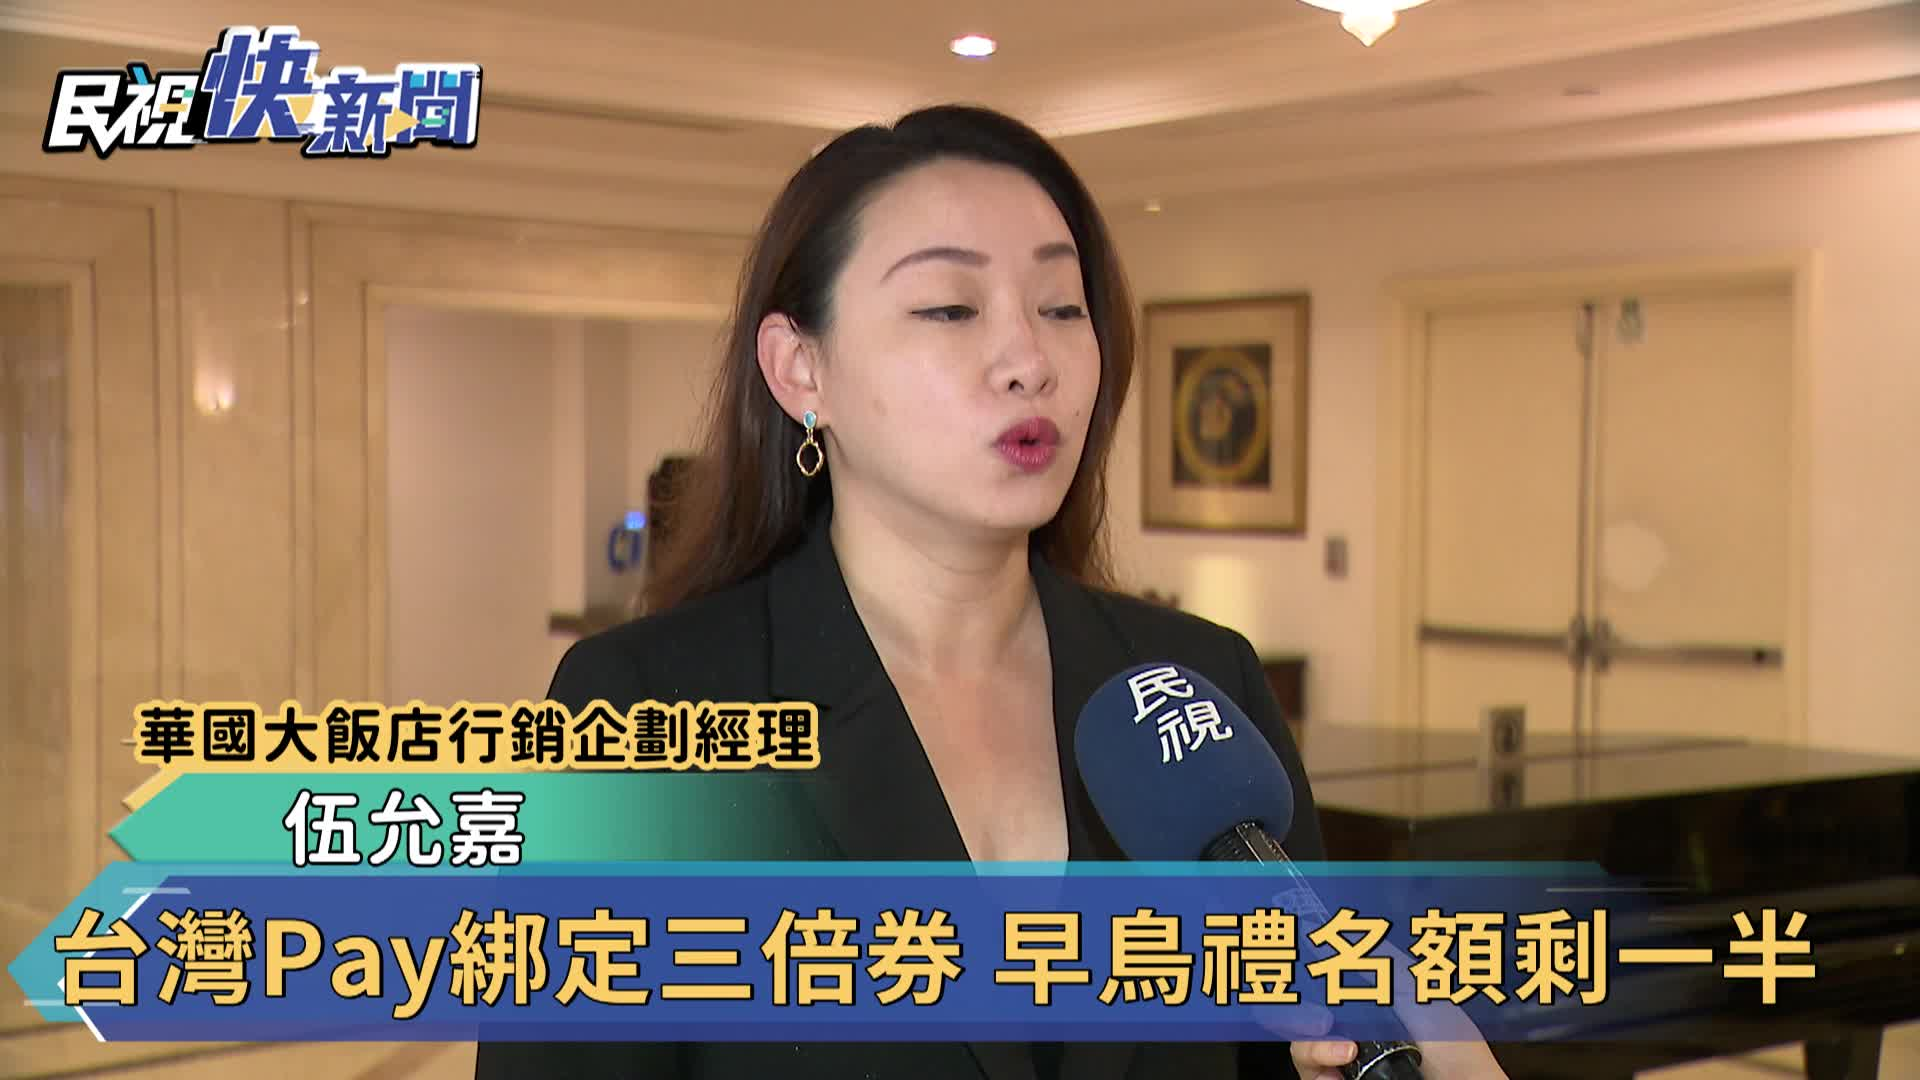 台灣Pay綁三倍券 早鳥禮名額還剩一半